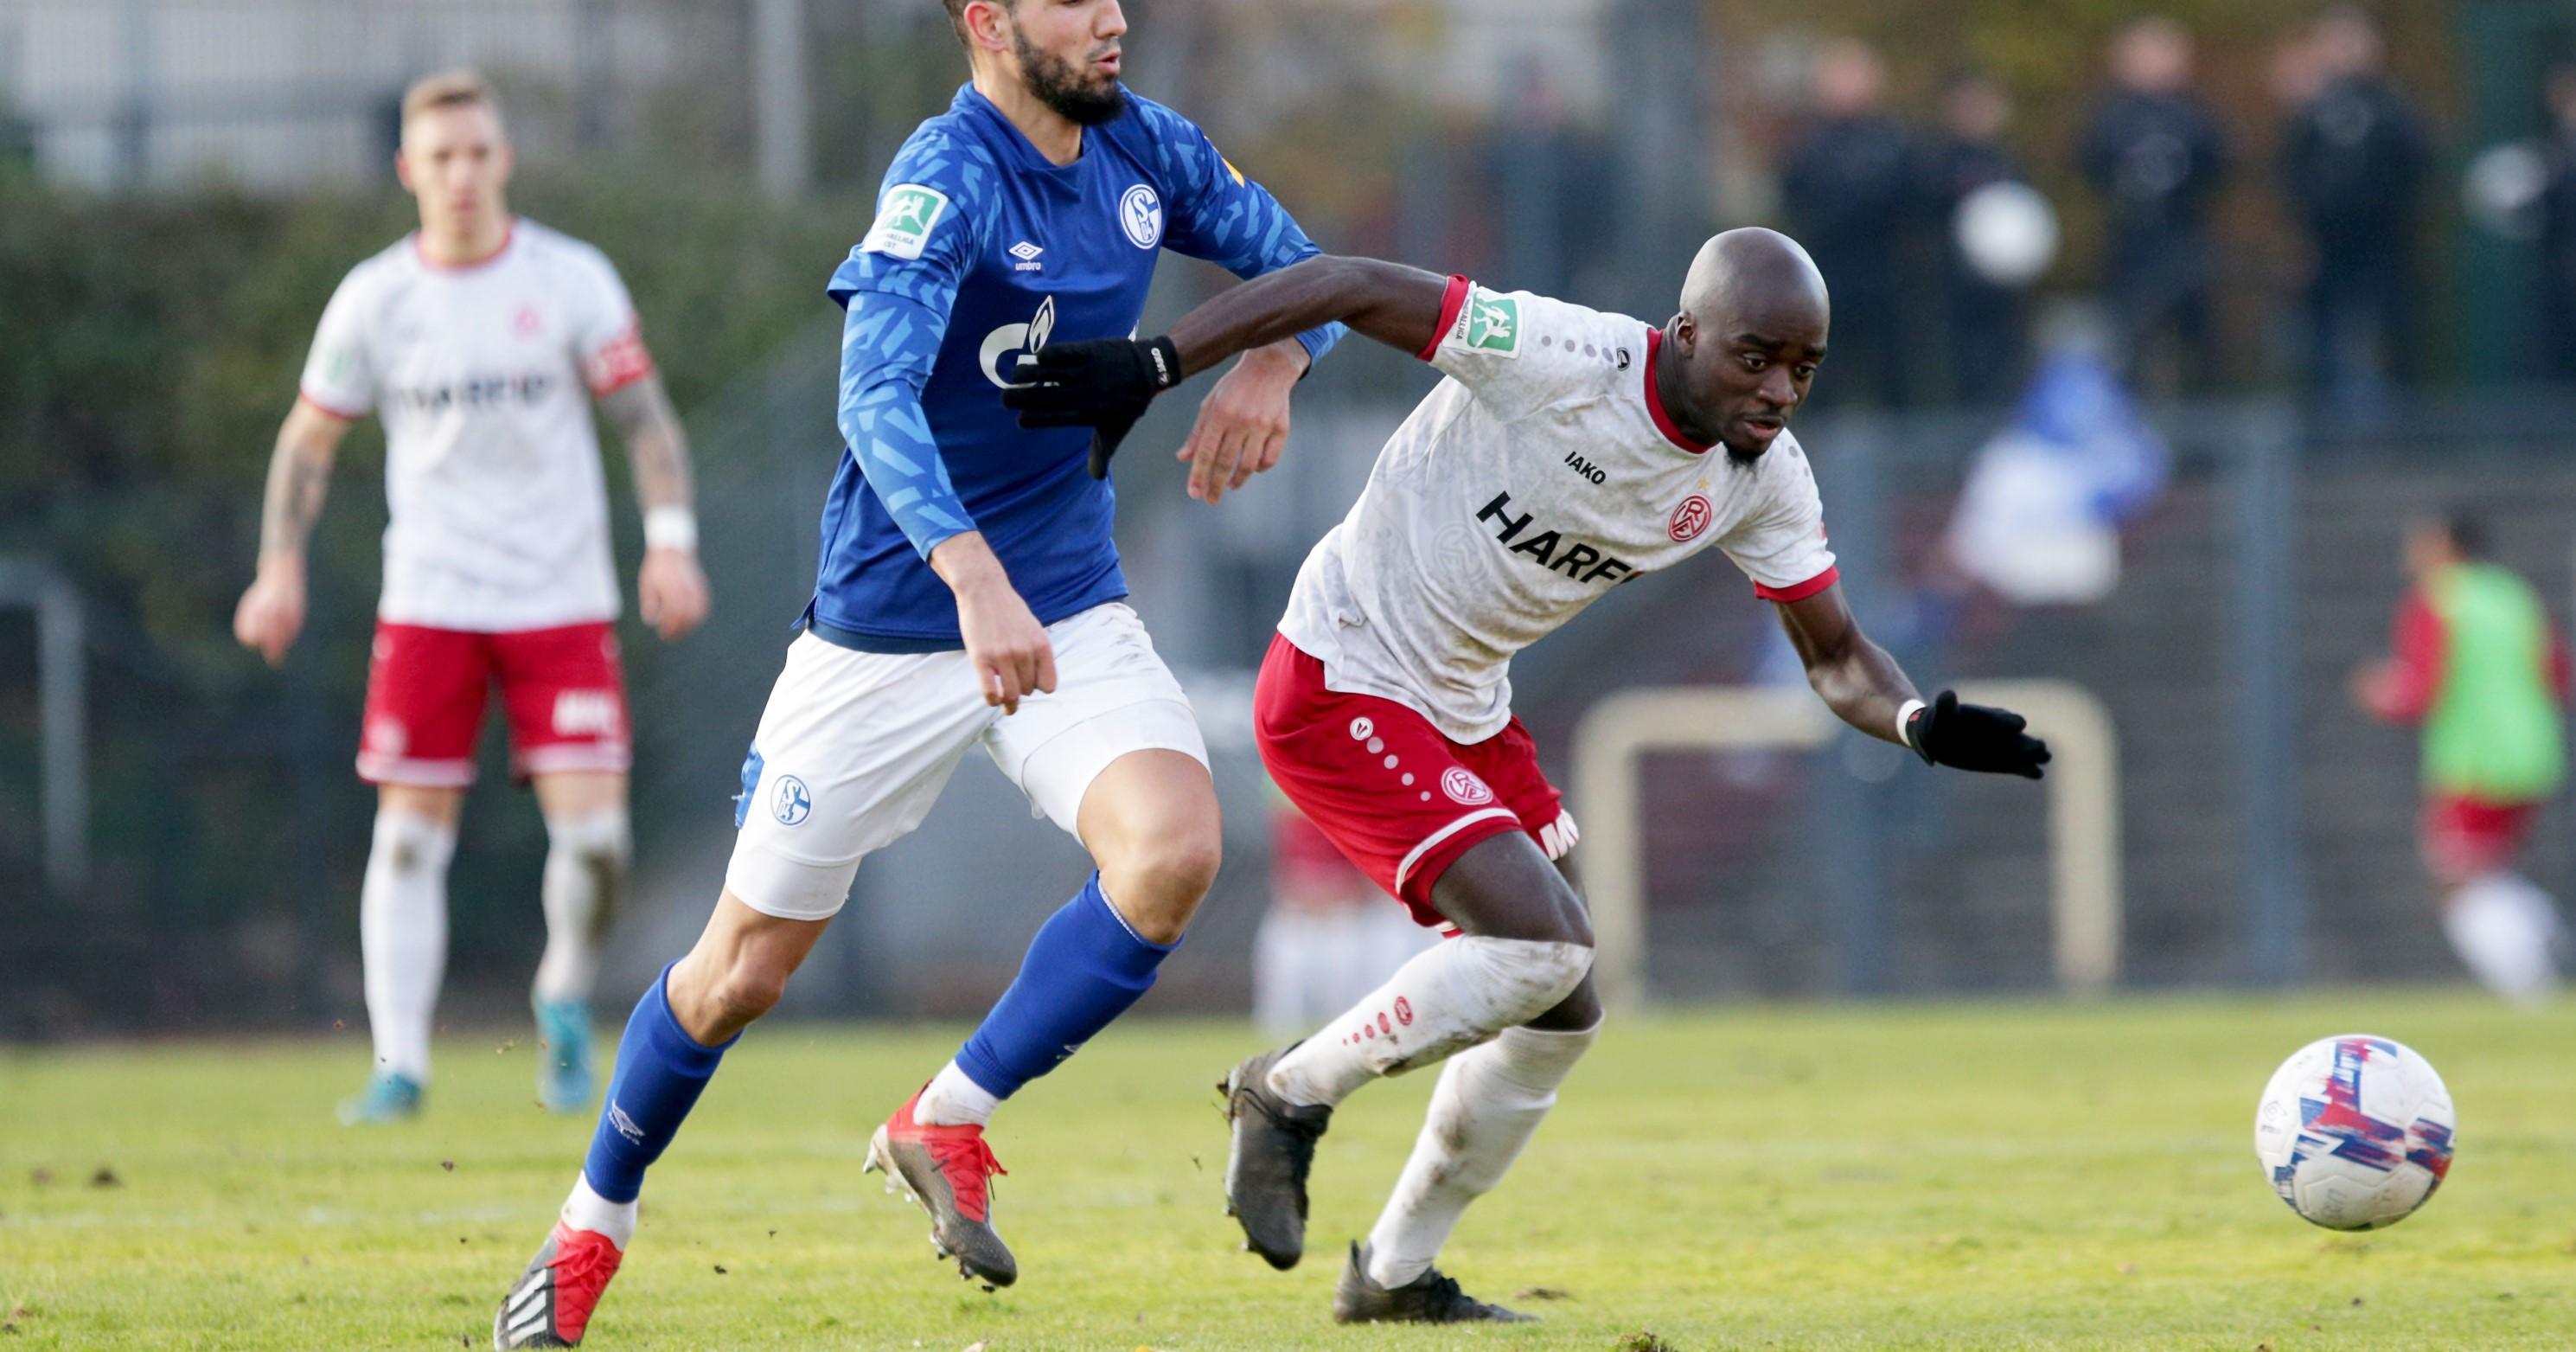 Ohne Tore endete das rot-weisse Auswärtsspiel in Wanne-Eickel. (Foto: Endberg)